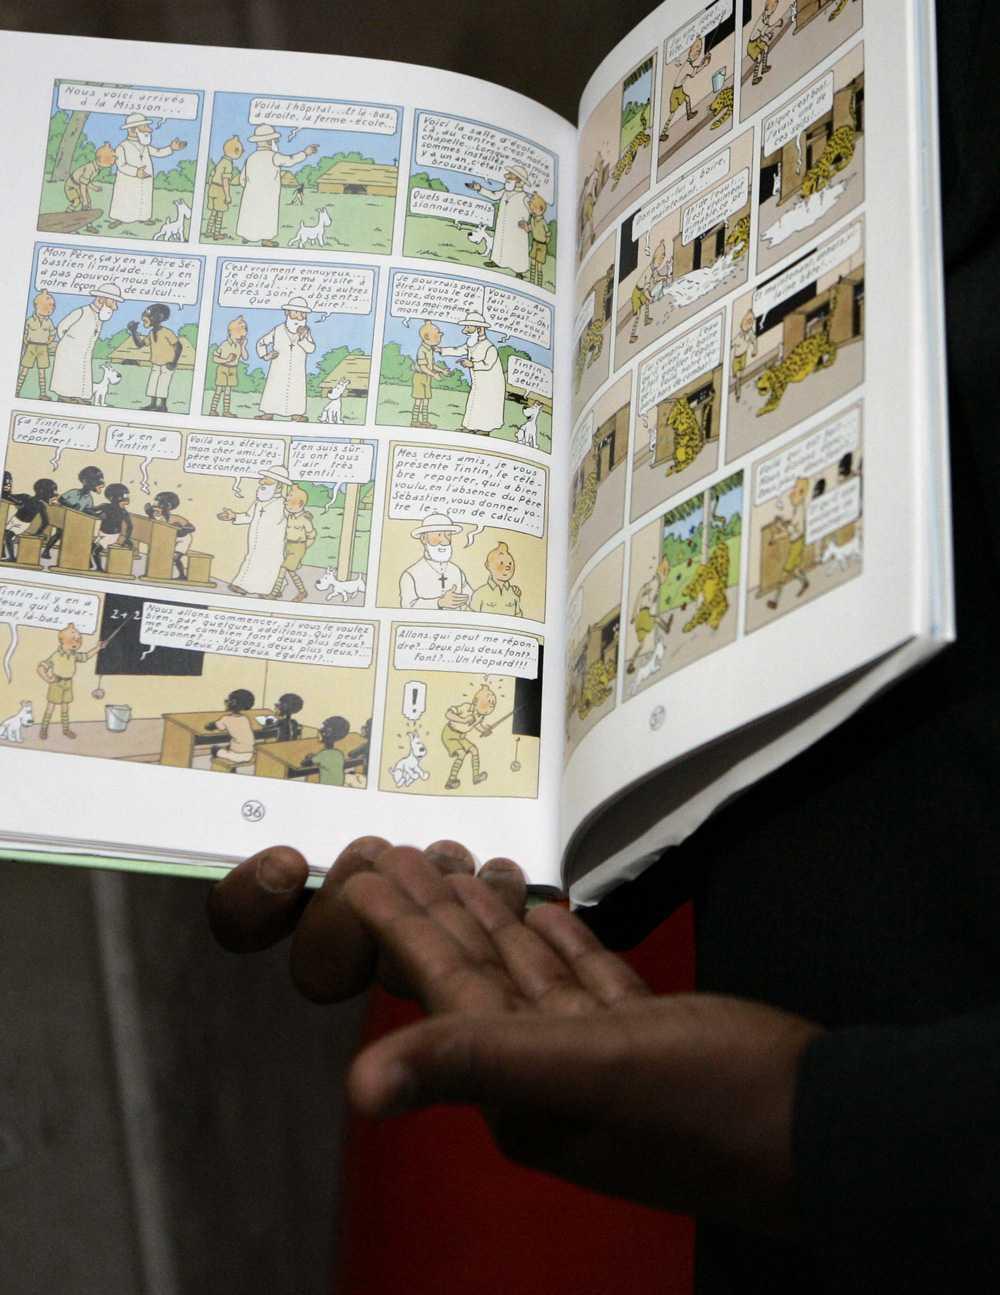 I serien framställs svarta som dumma och kolsvarta, enligt Mbutu.